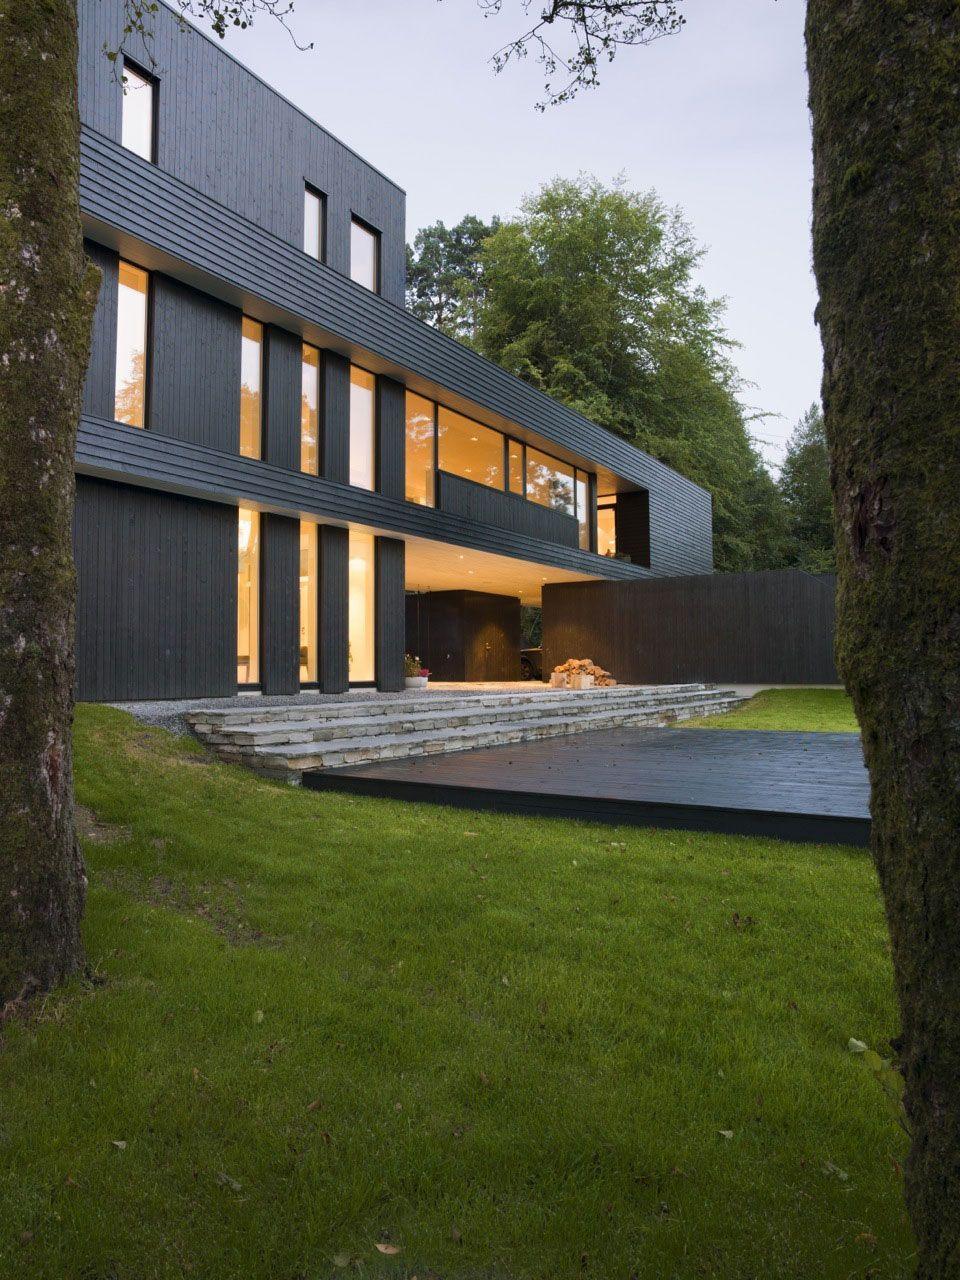 Villa-S-Saunders-Architecture-17